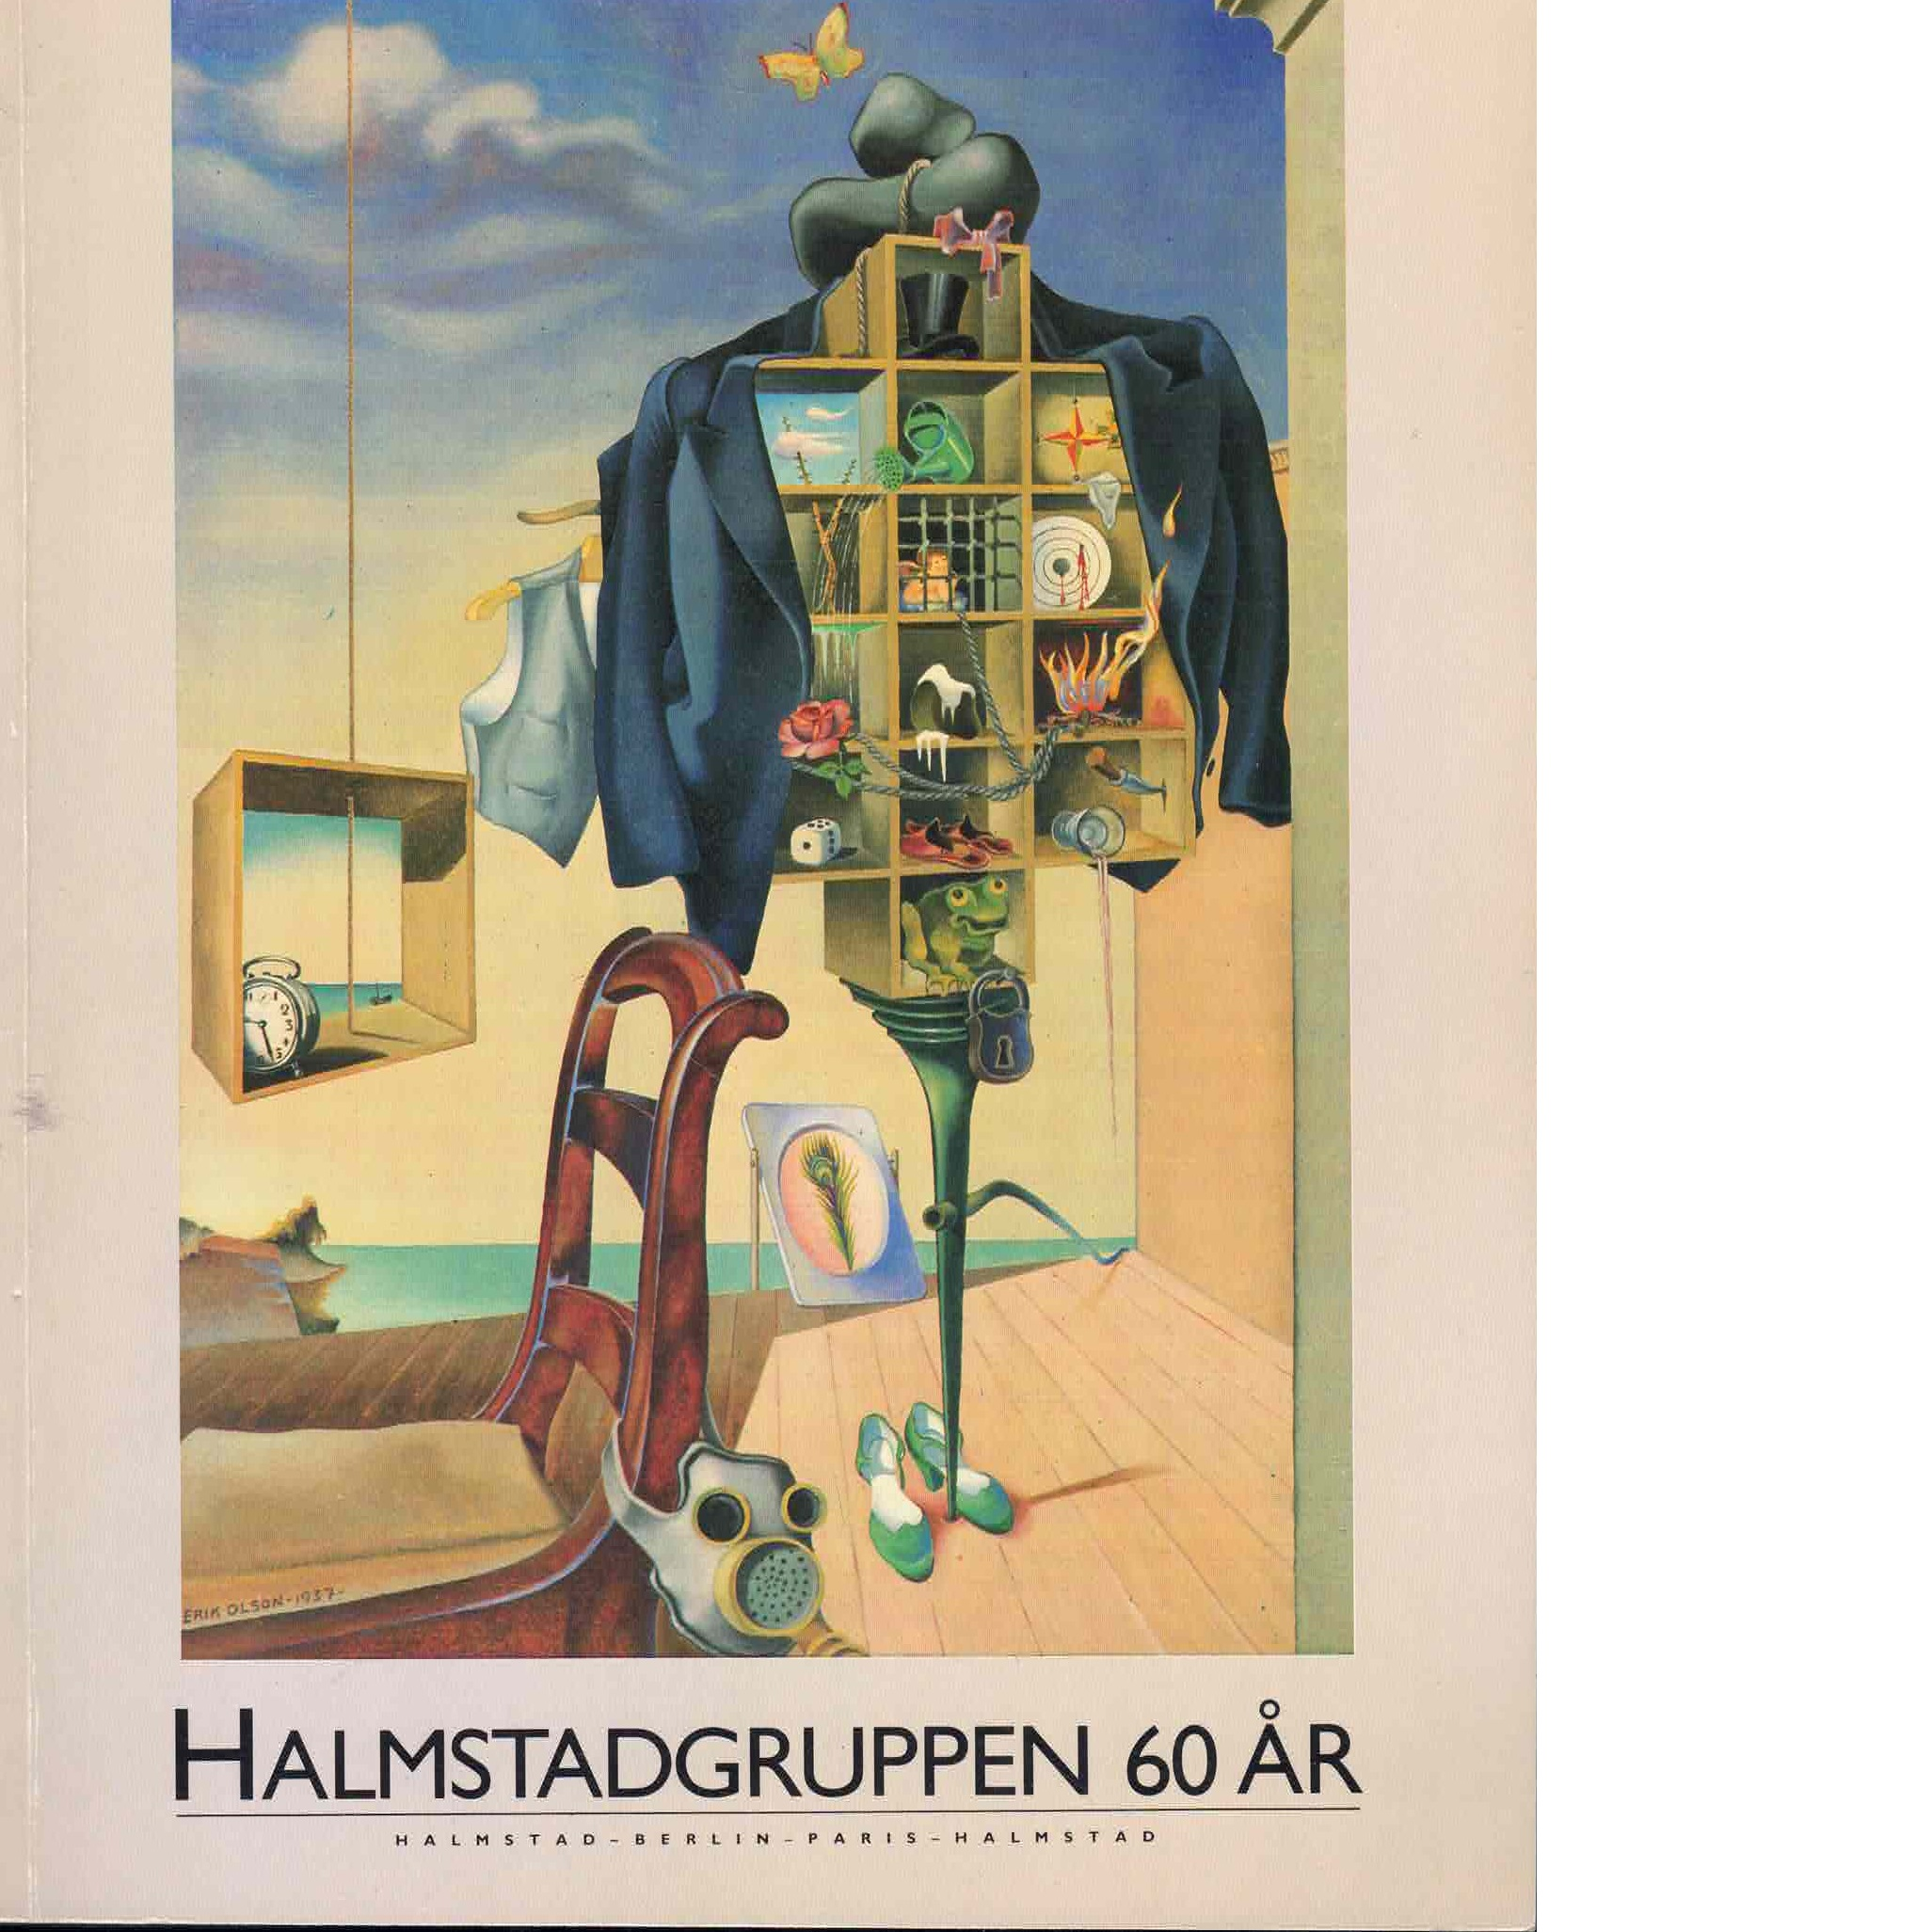 Halmstadgruppen 60 år : Halmstad-Berlin-Paris-Halmstad : Liljevalchs [7 april - 4 juni 1989] - Robbert, Louise